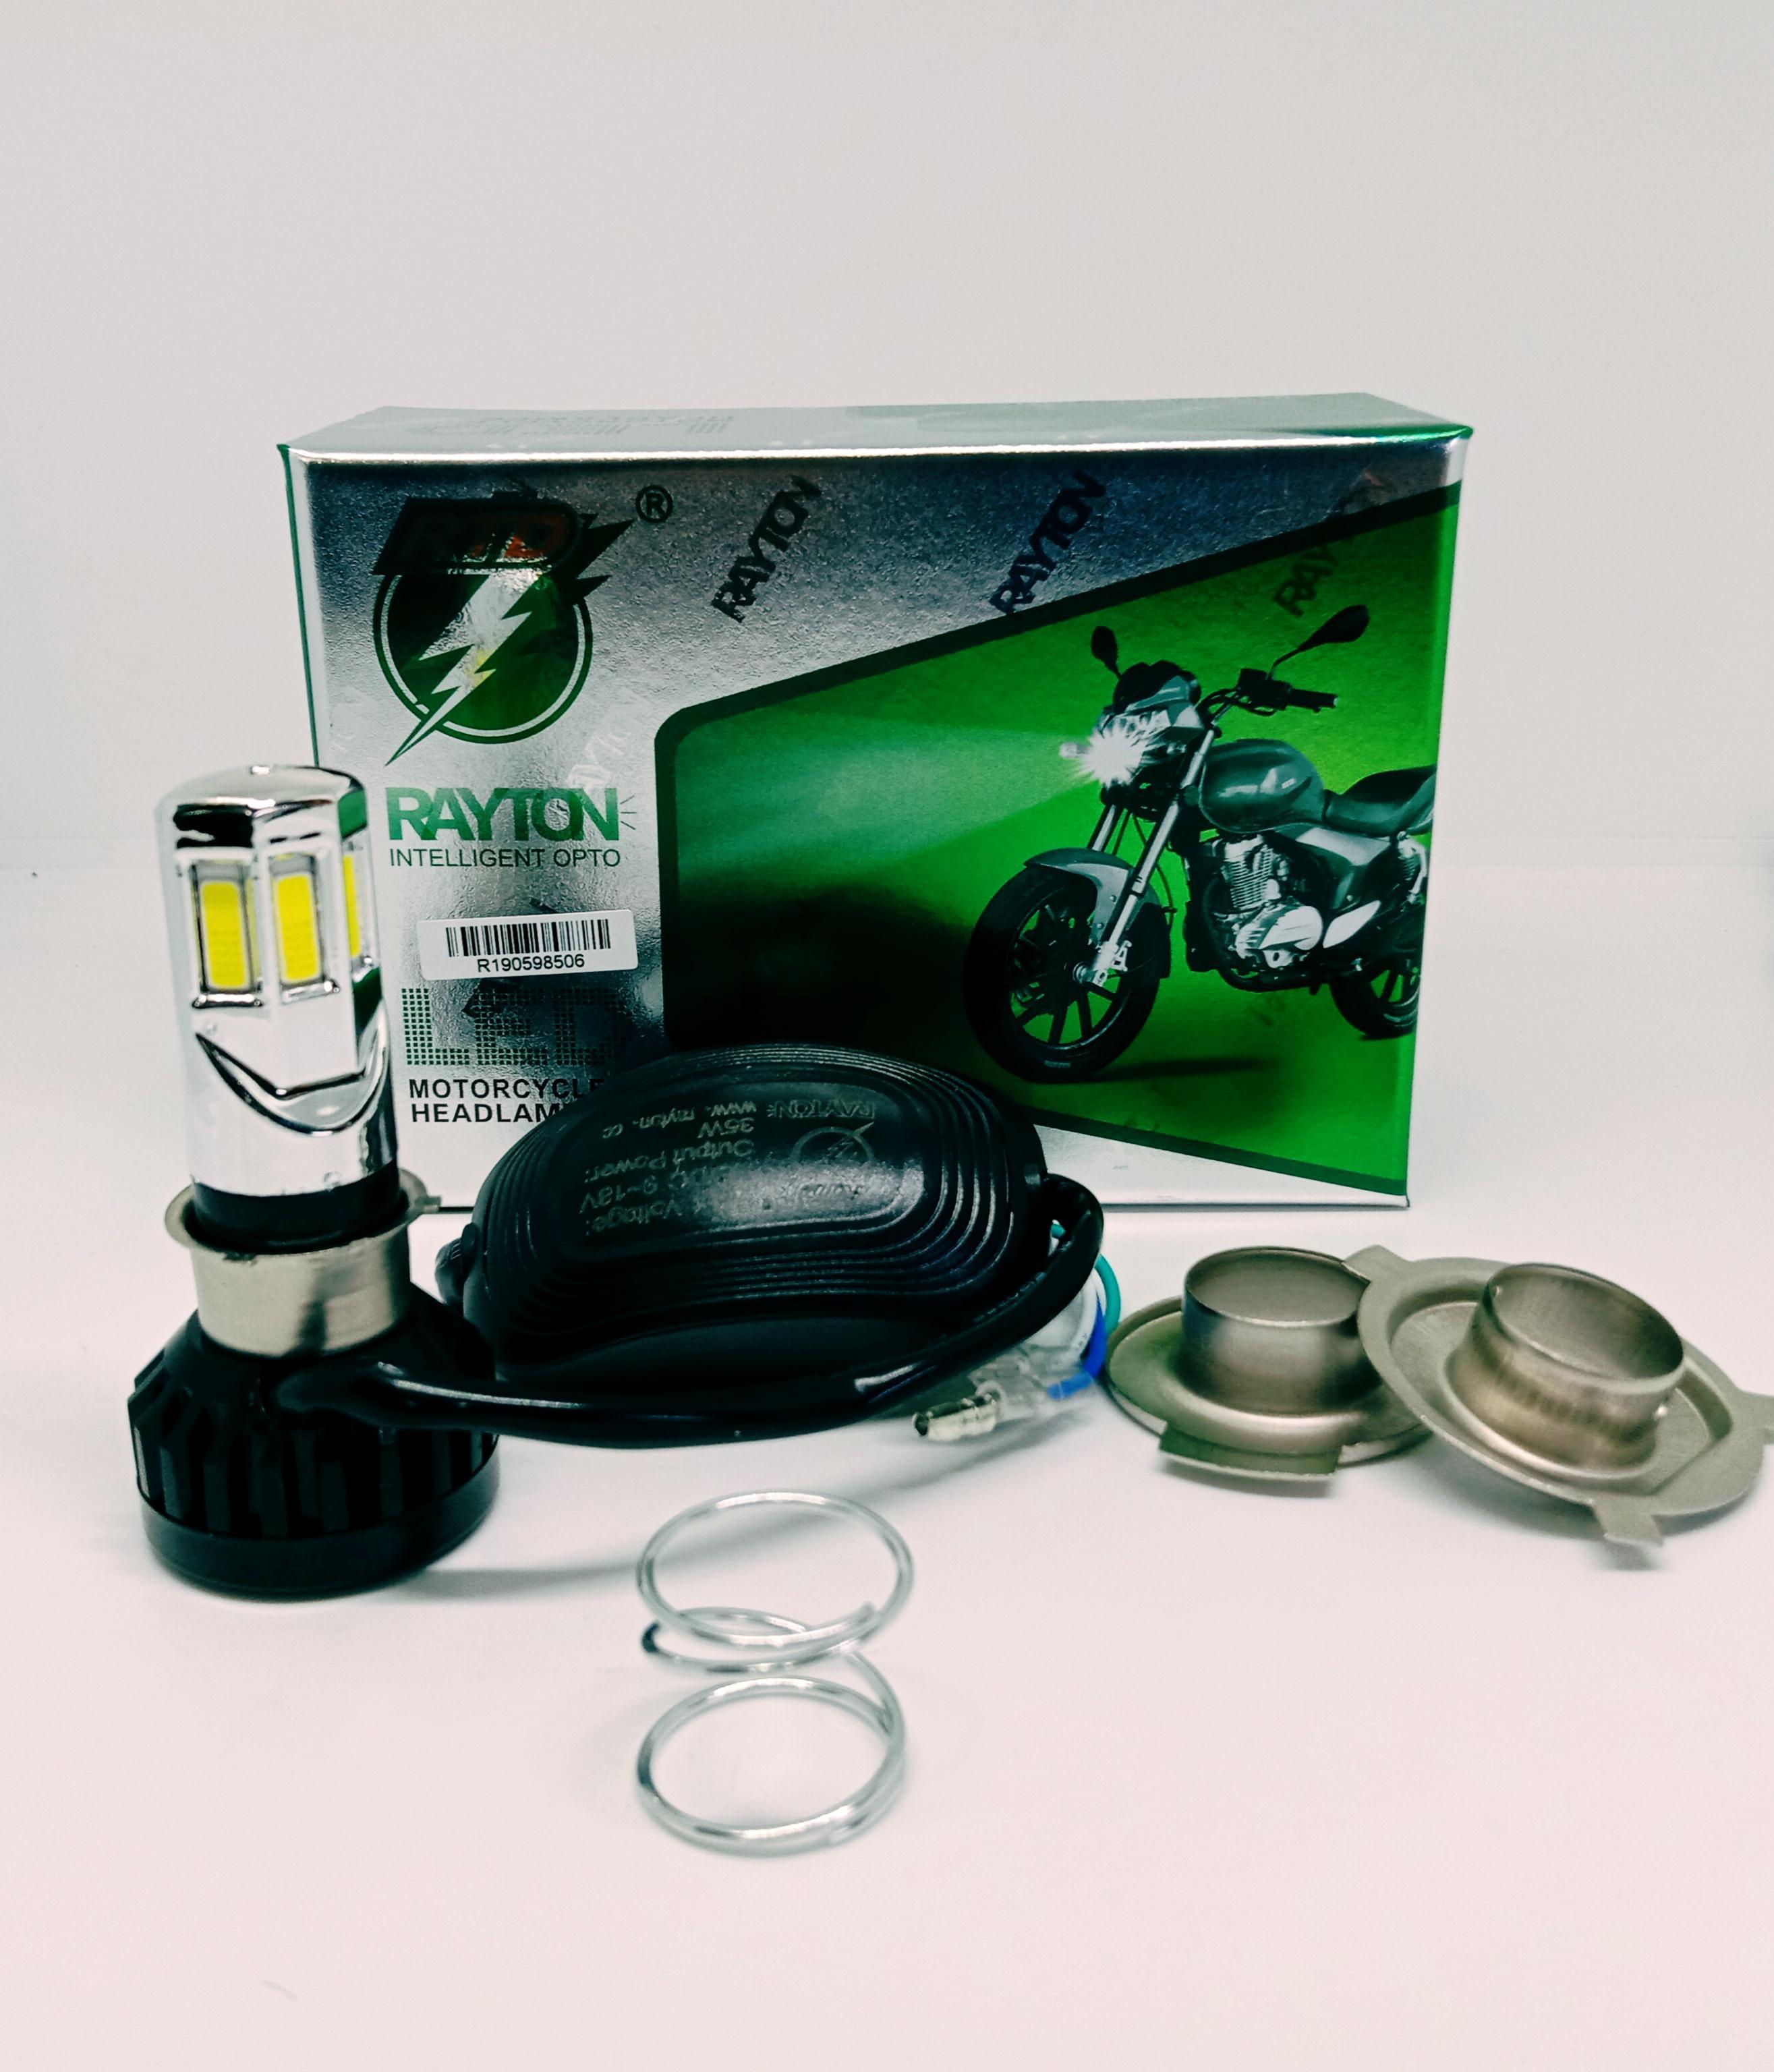 Lampu Led motor RTD 6sisi 35w 100% original RTD - Putih/All Motor Vario Beat Scoopy Nmax Aerox Mio Satriu Fu Vixion Ninja Nuvo Vega Jupiter mx,Dan Masih Banyak yang Lainya...